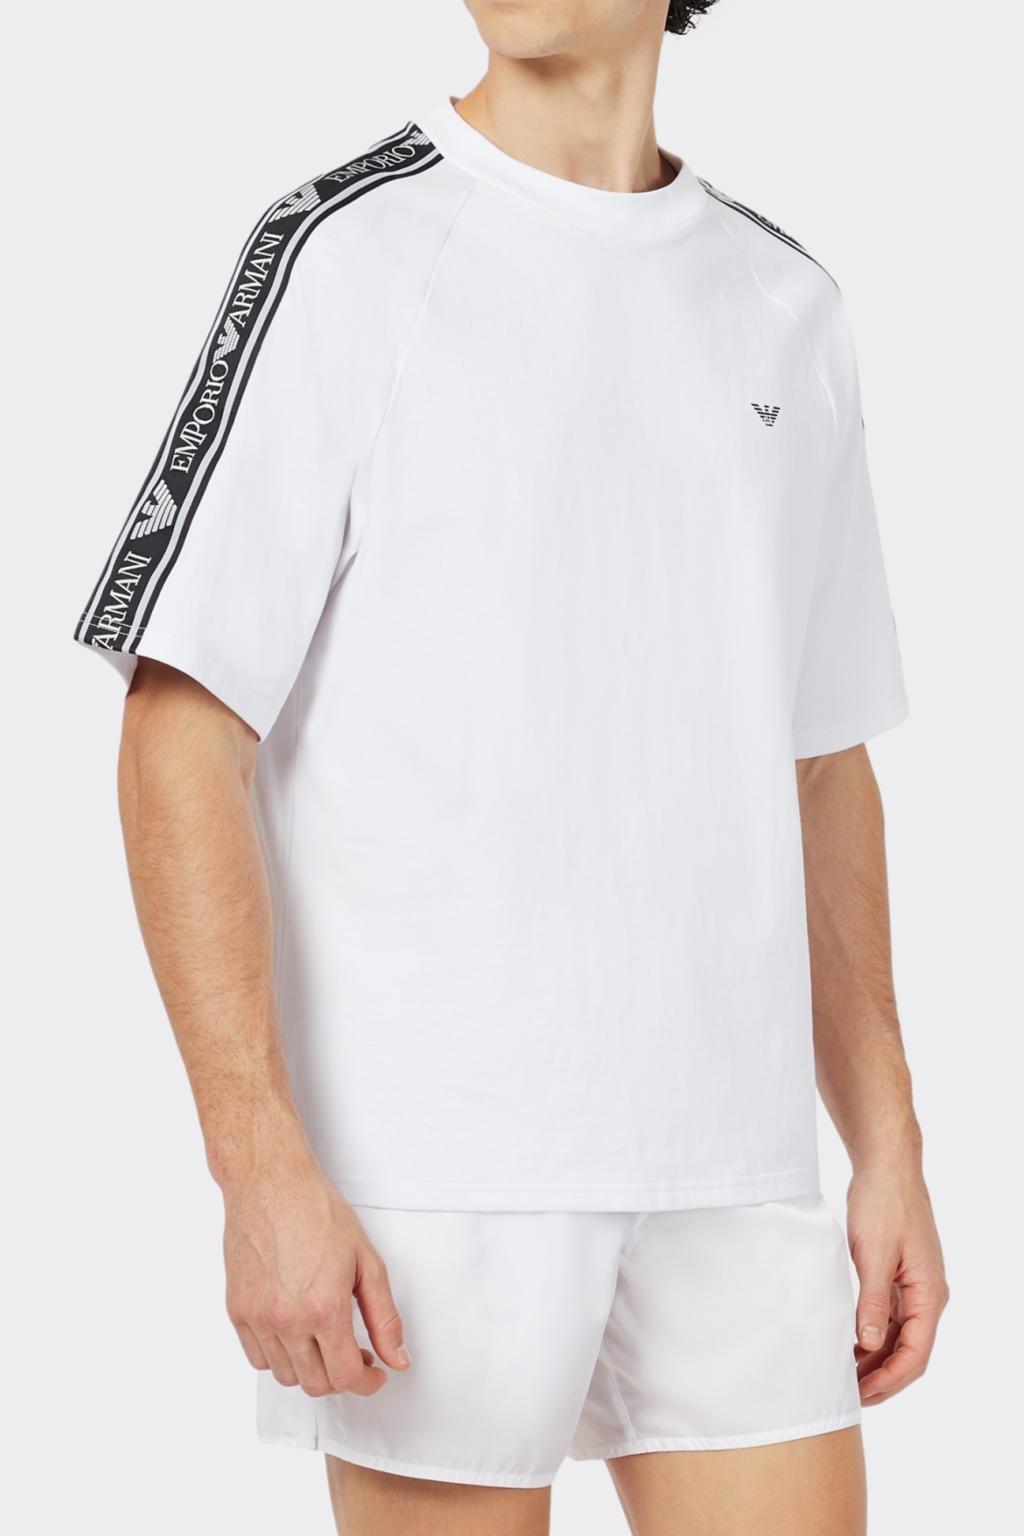 Emporio Armani Bold logo pánské tričko- bílé